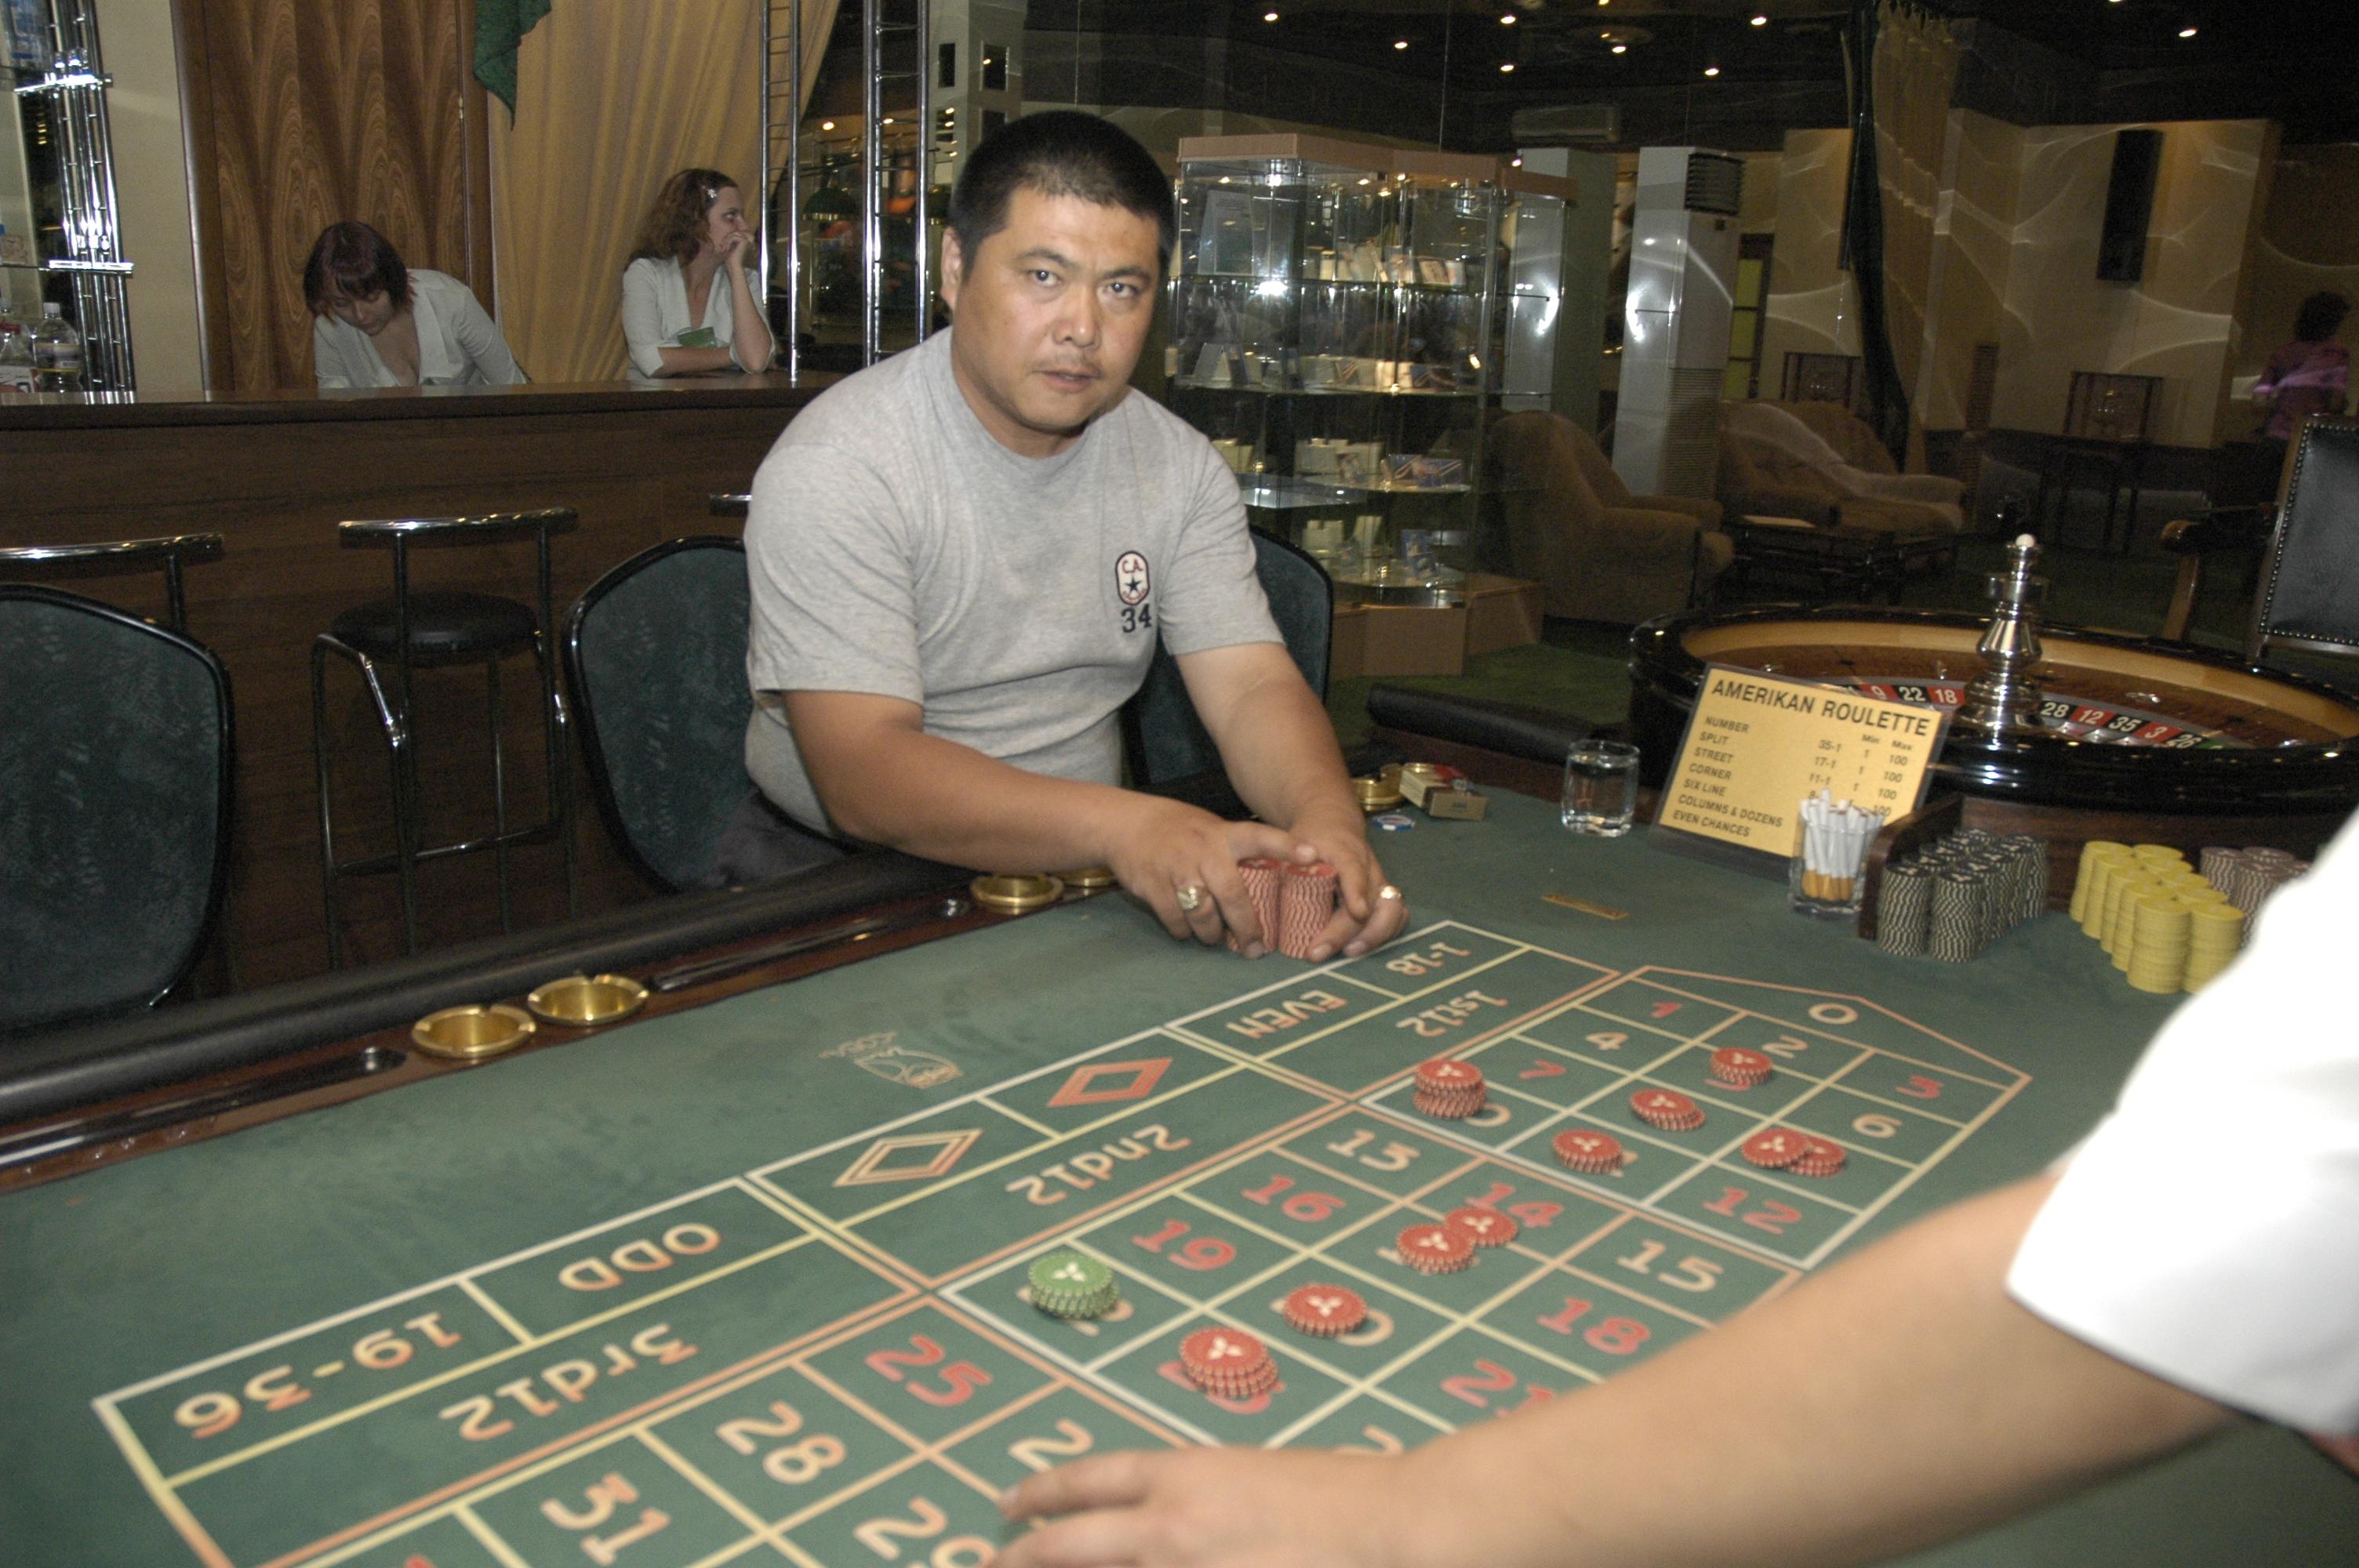 Российское легальное казино в середине 2010-х гг покер онлайн в браузере